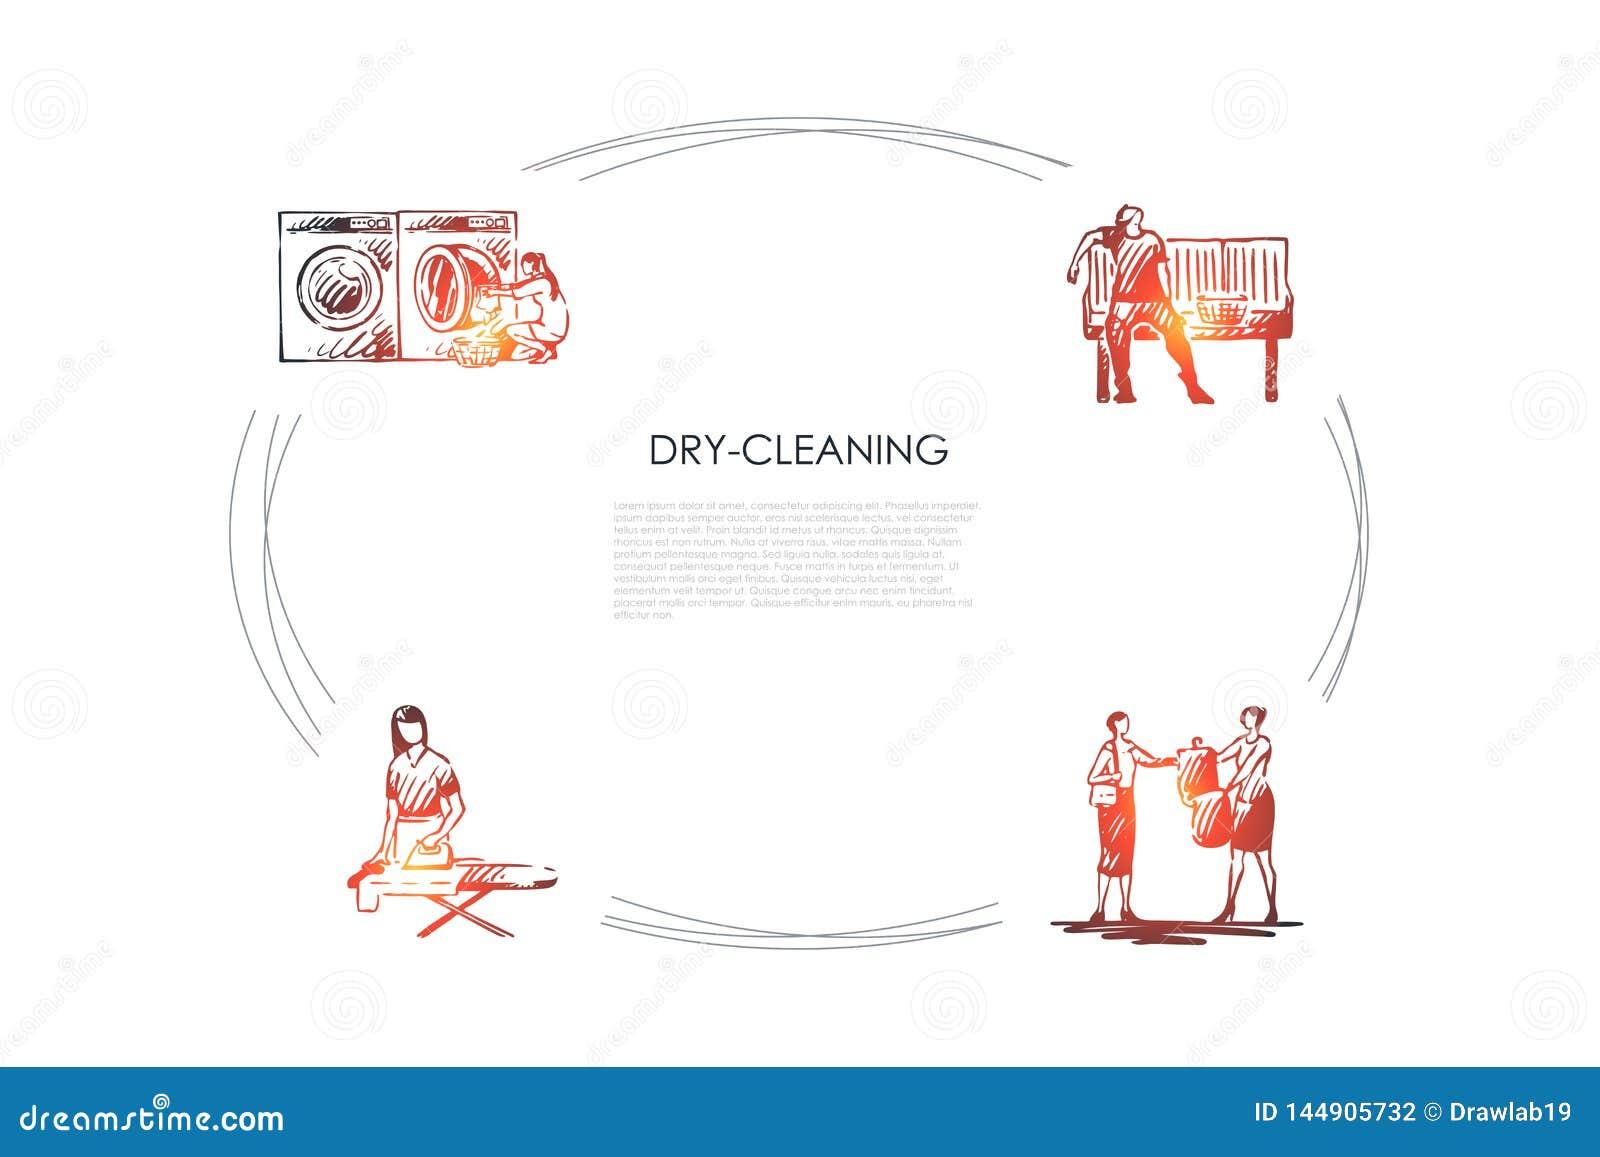 Στεγνό καθάρισμα - σιδέρωμα, χημικός καθαρισμός, πλύση μηχανών, σύνολο έννοιας ξήρανσης διανυσματικό